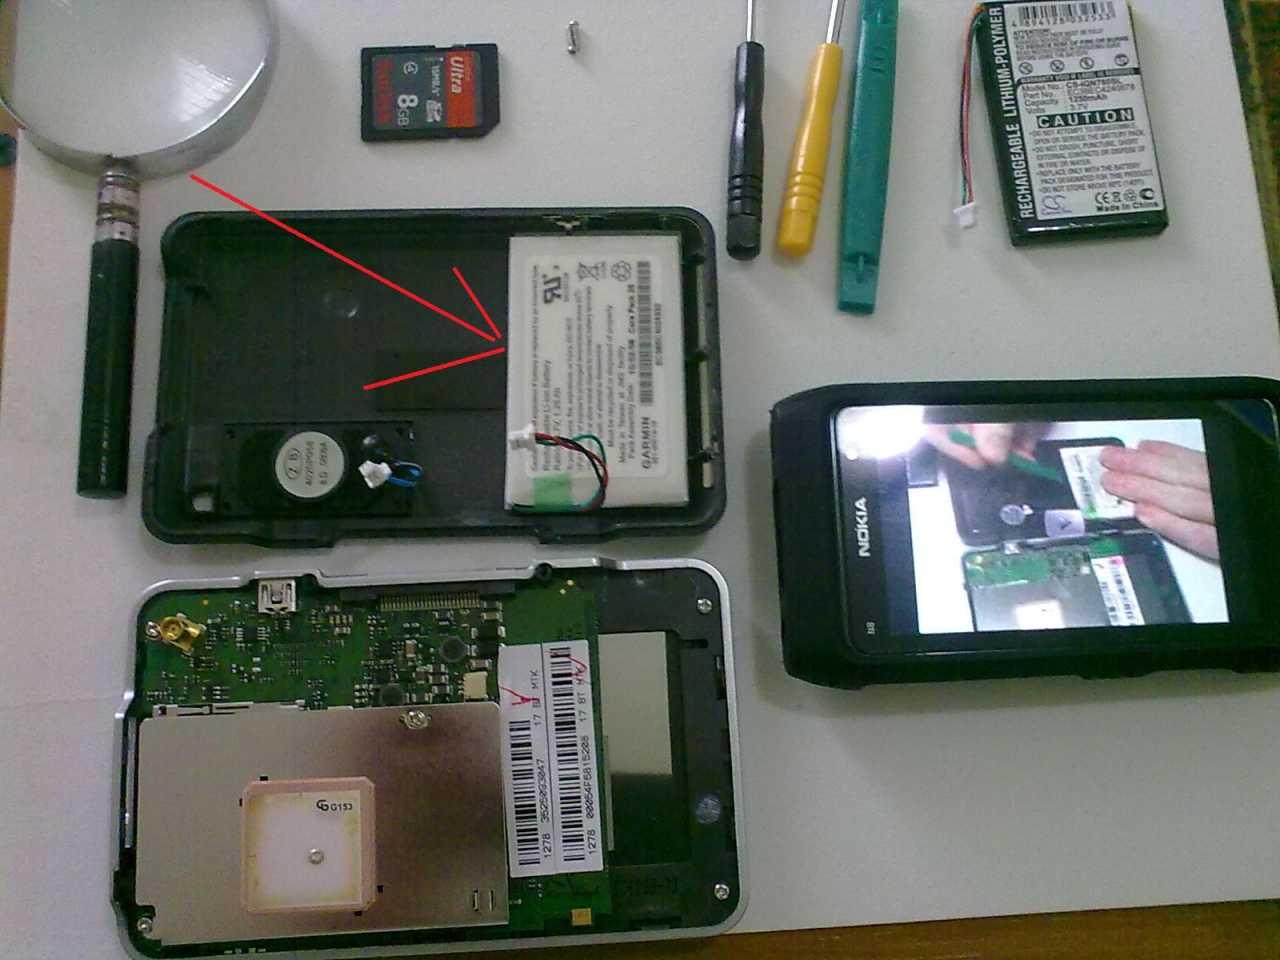 GPSYV-Reemplazodebateranuvi78006.jpg